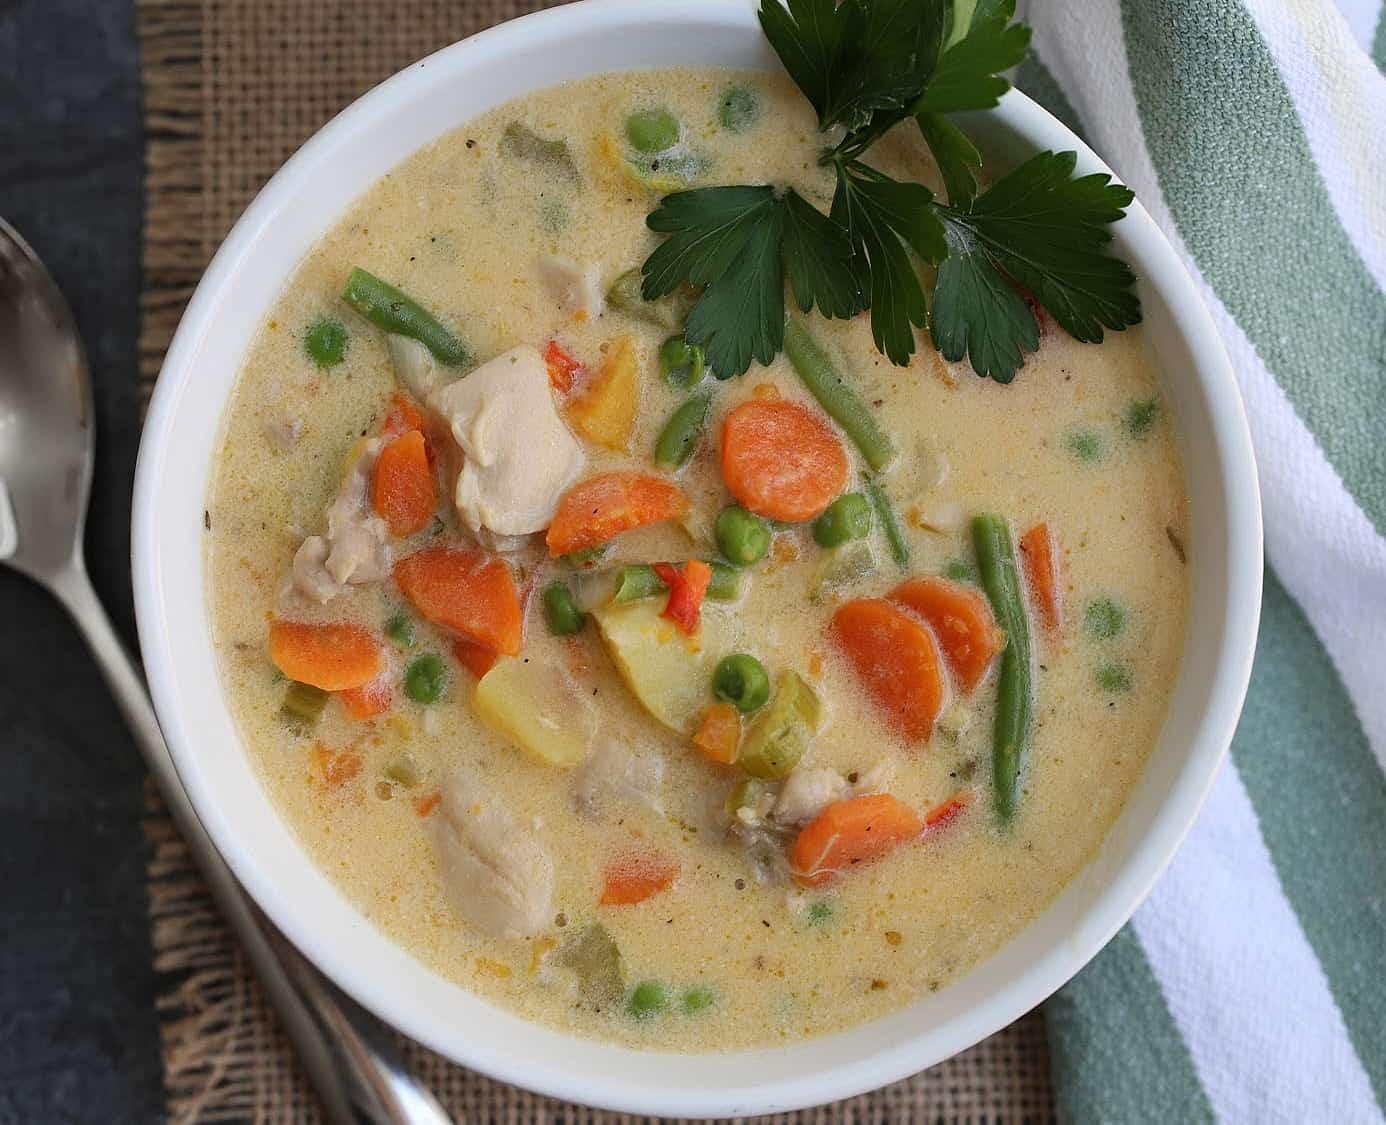 chicken stew in a white bowl